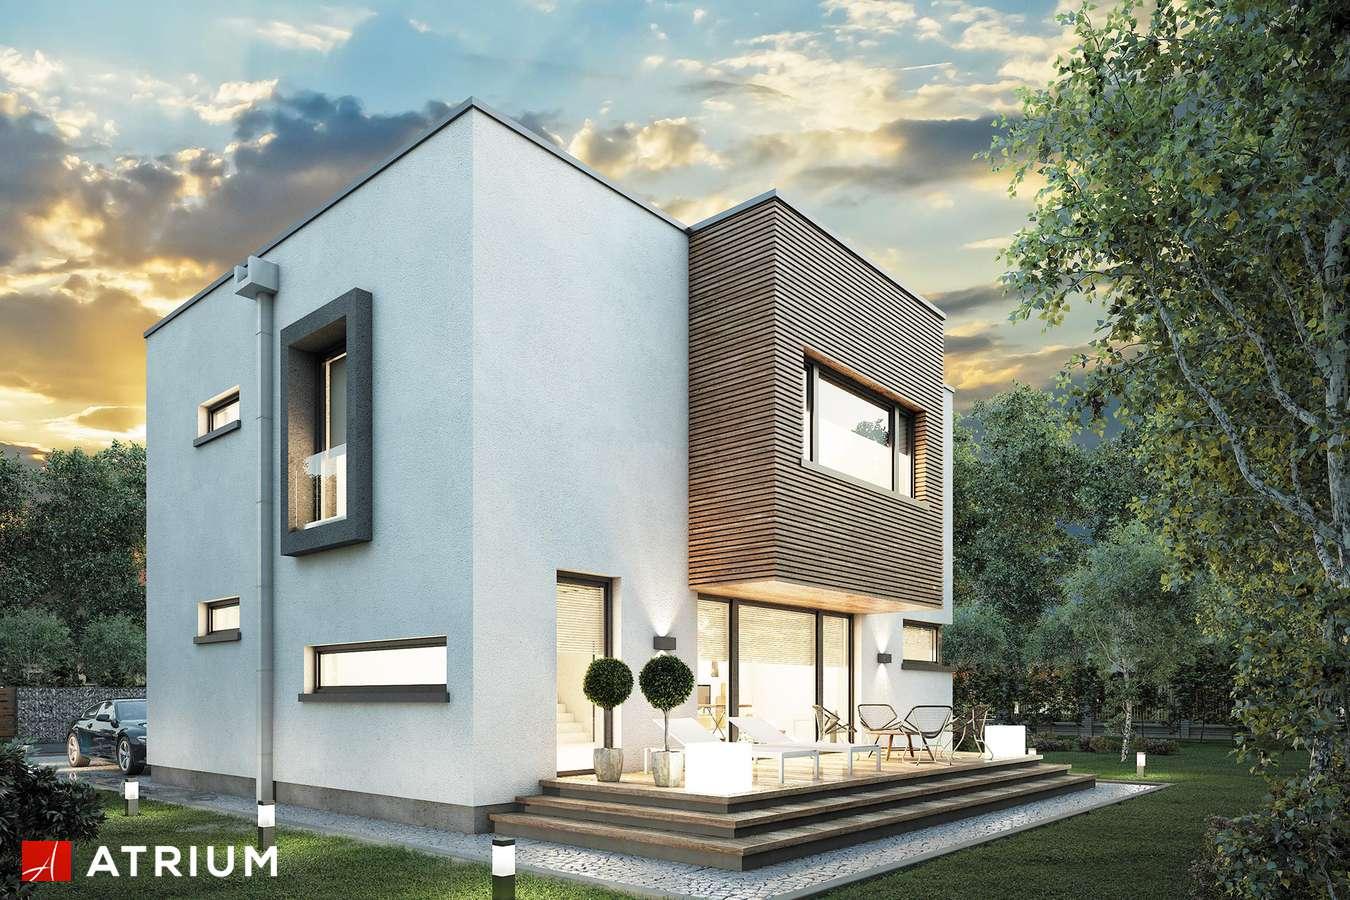 Projekty domów - Projekt domu piętrowego QUBUS - wizualizacja 2 - wersja lustrzana